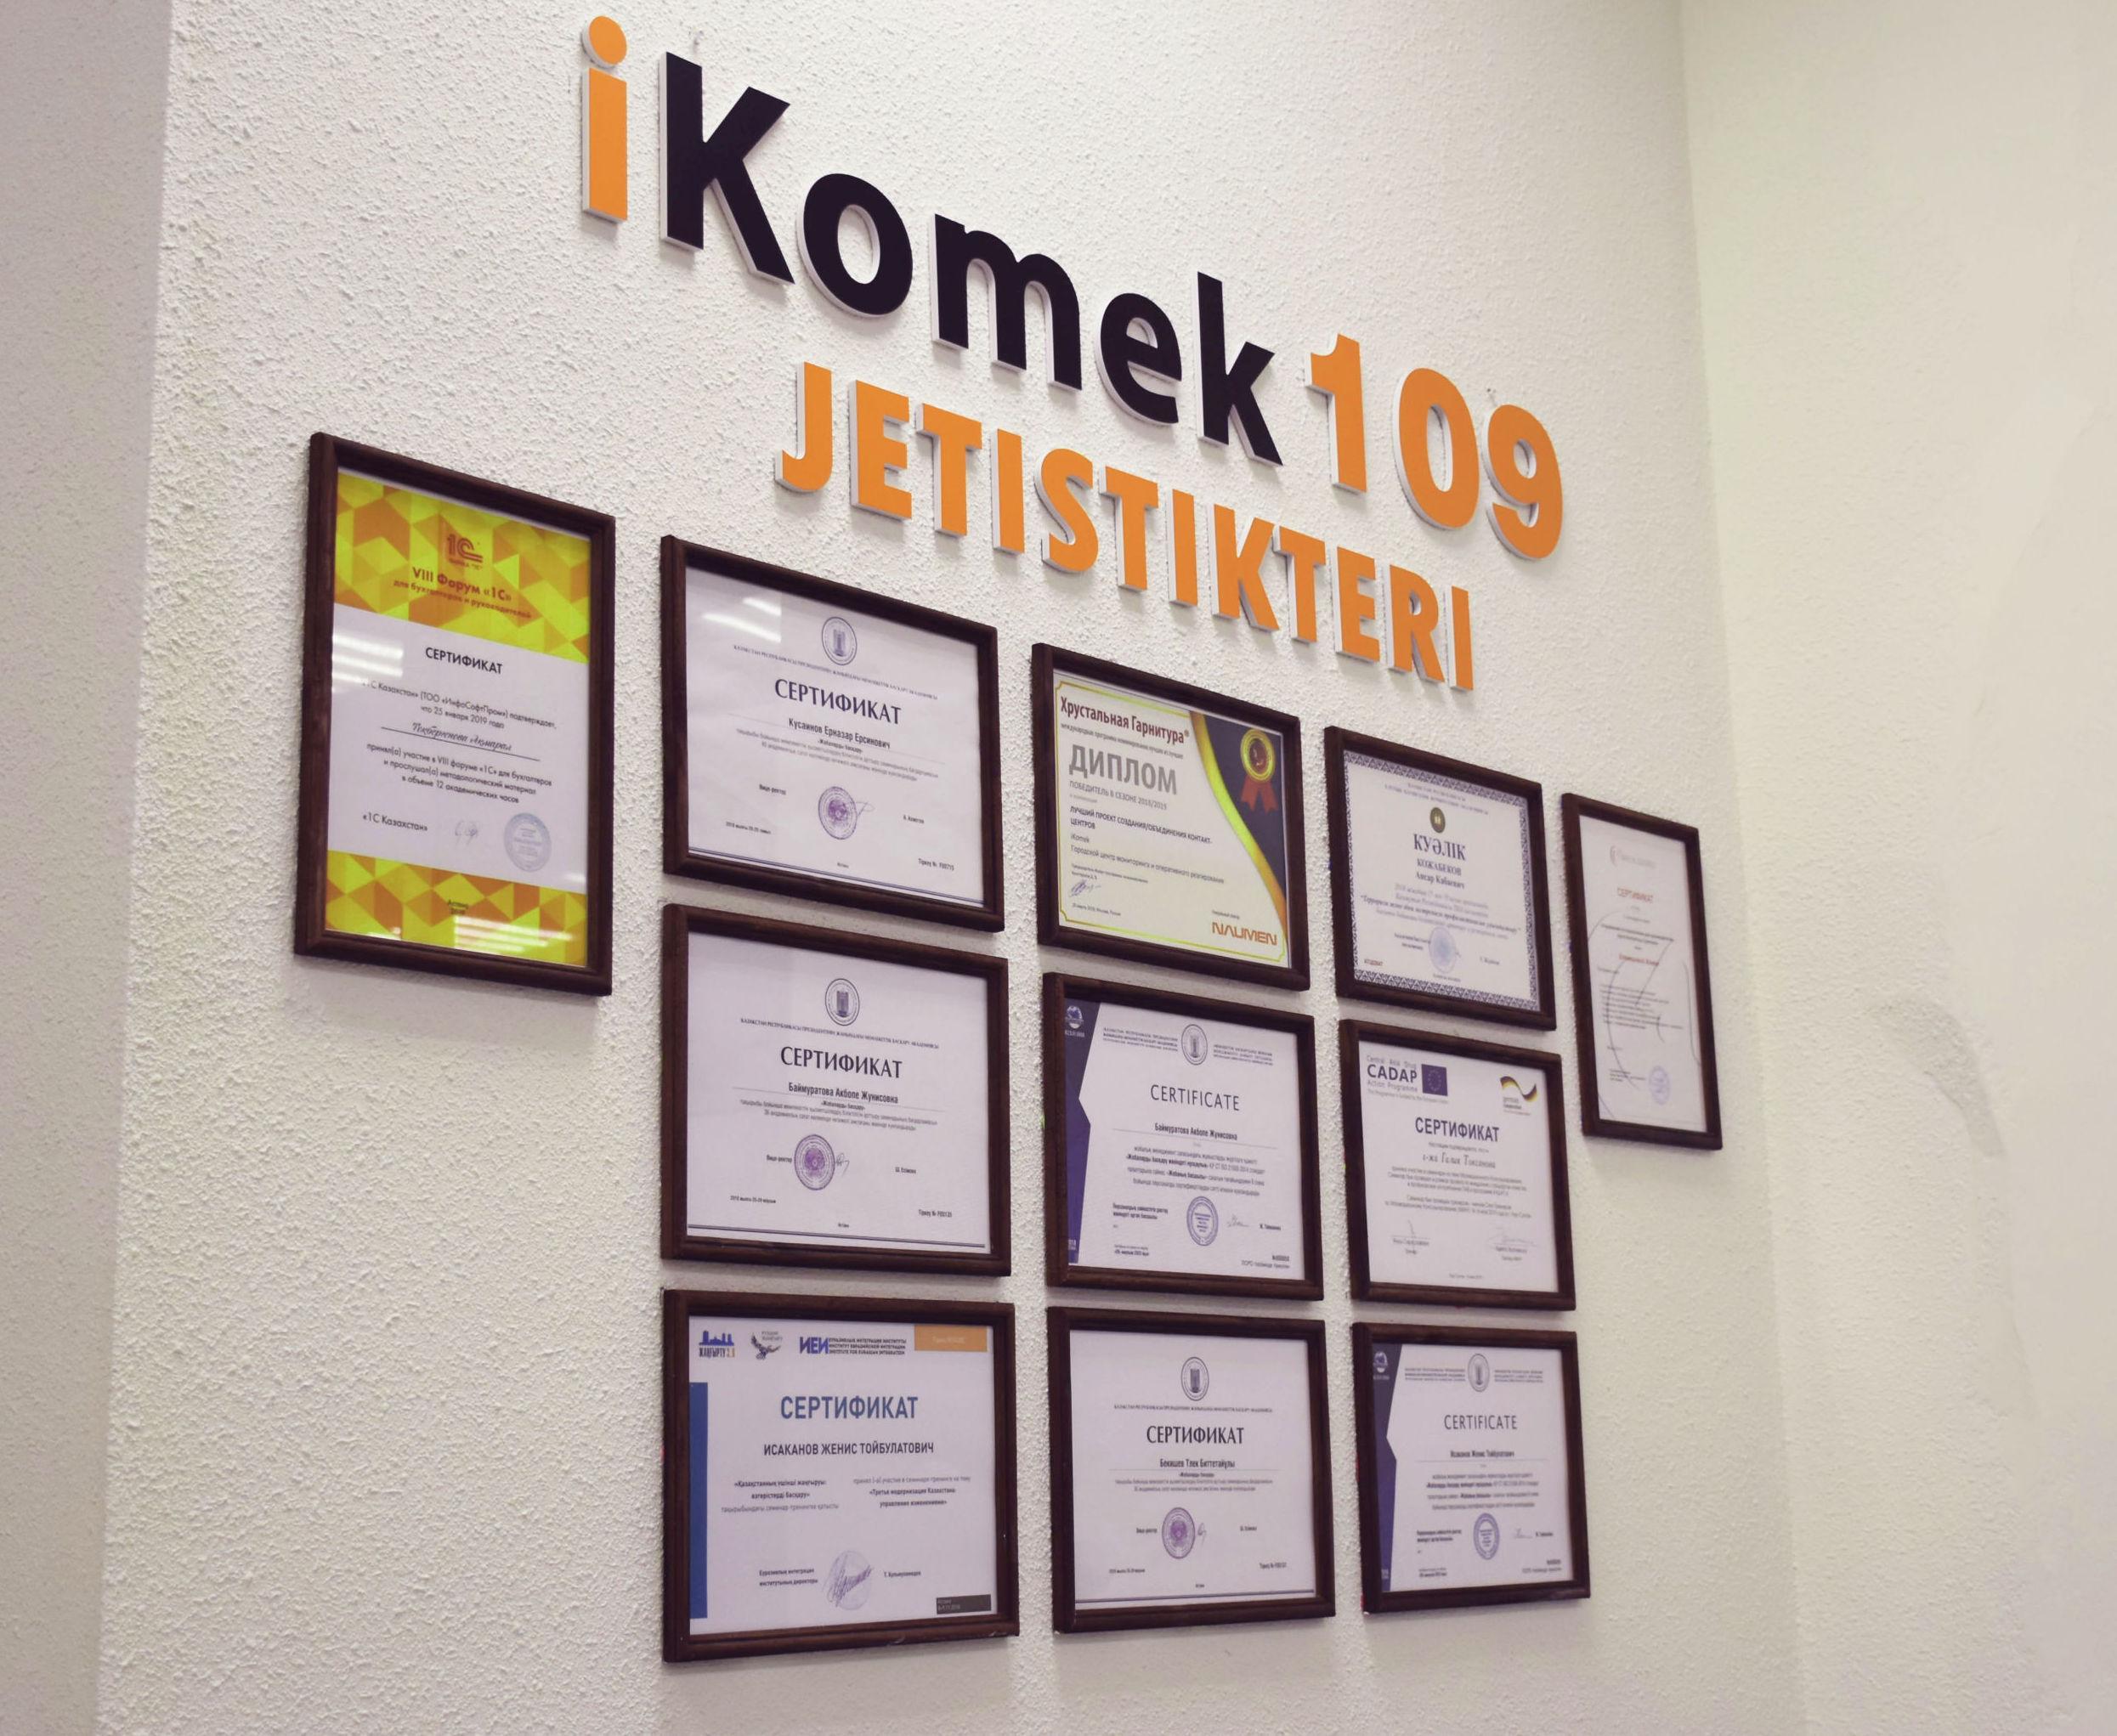 Центр 109 IKomek